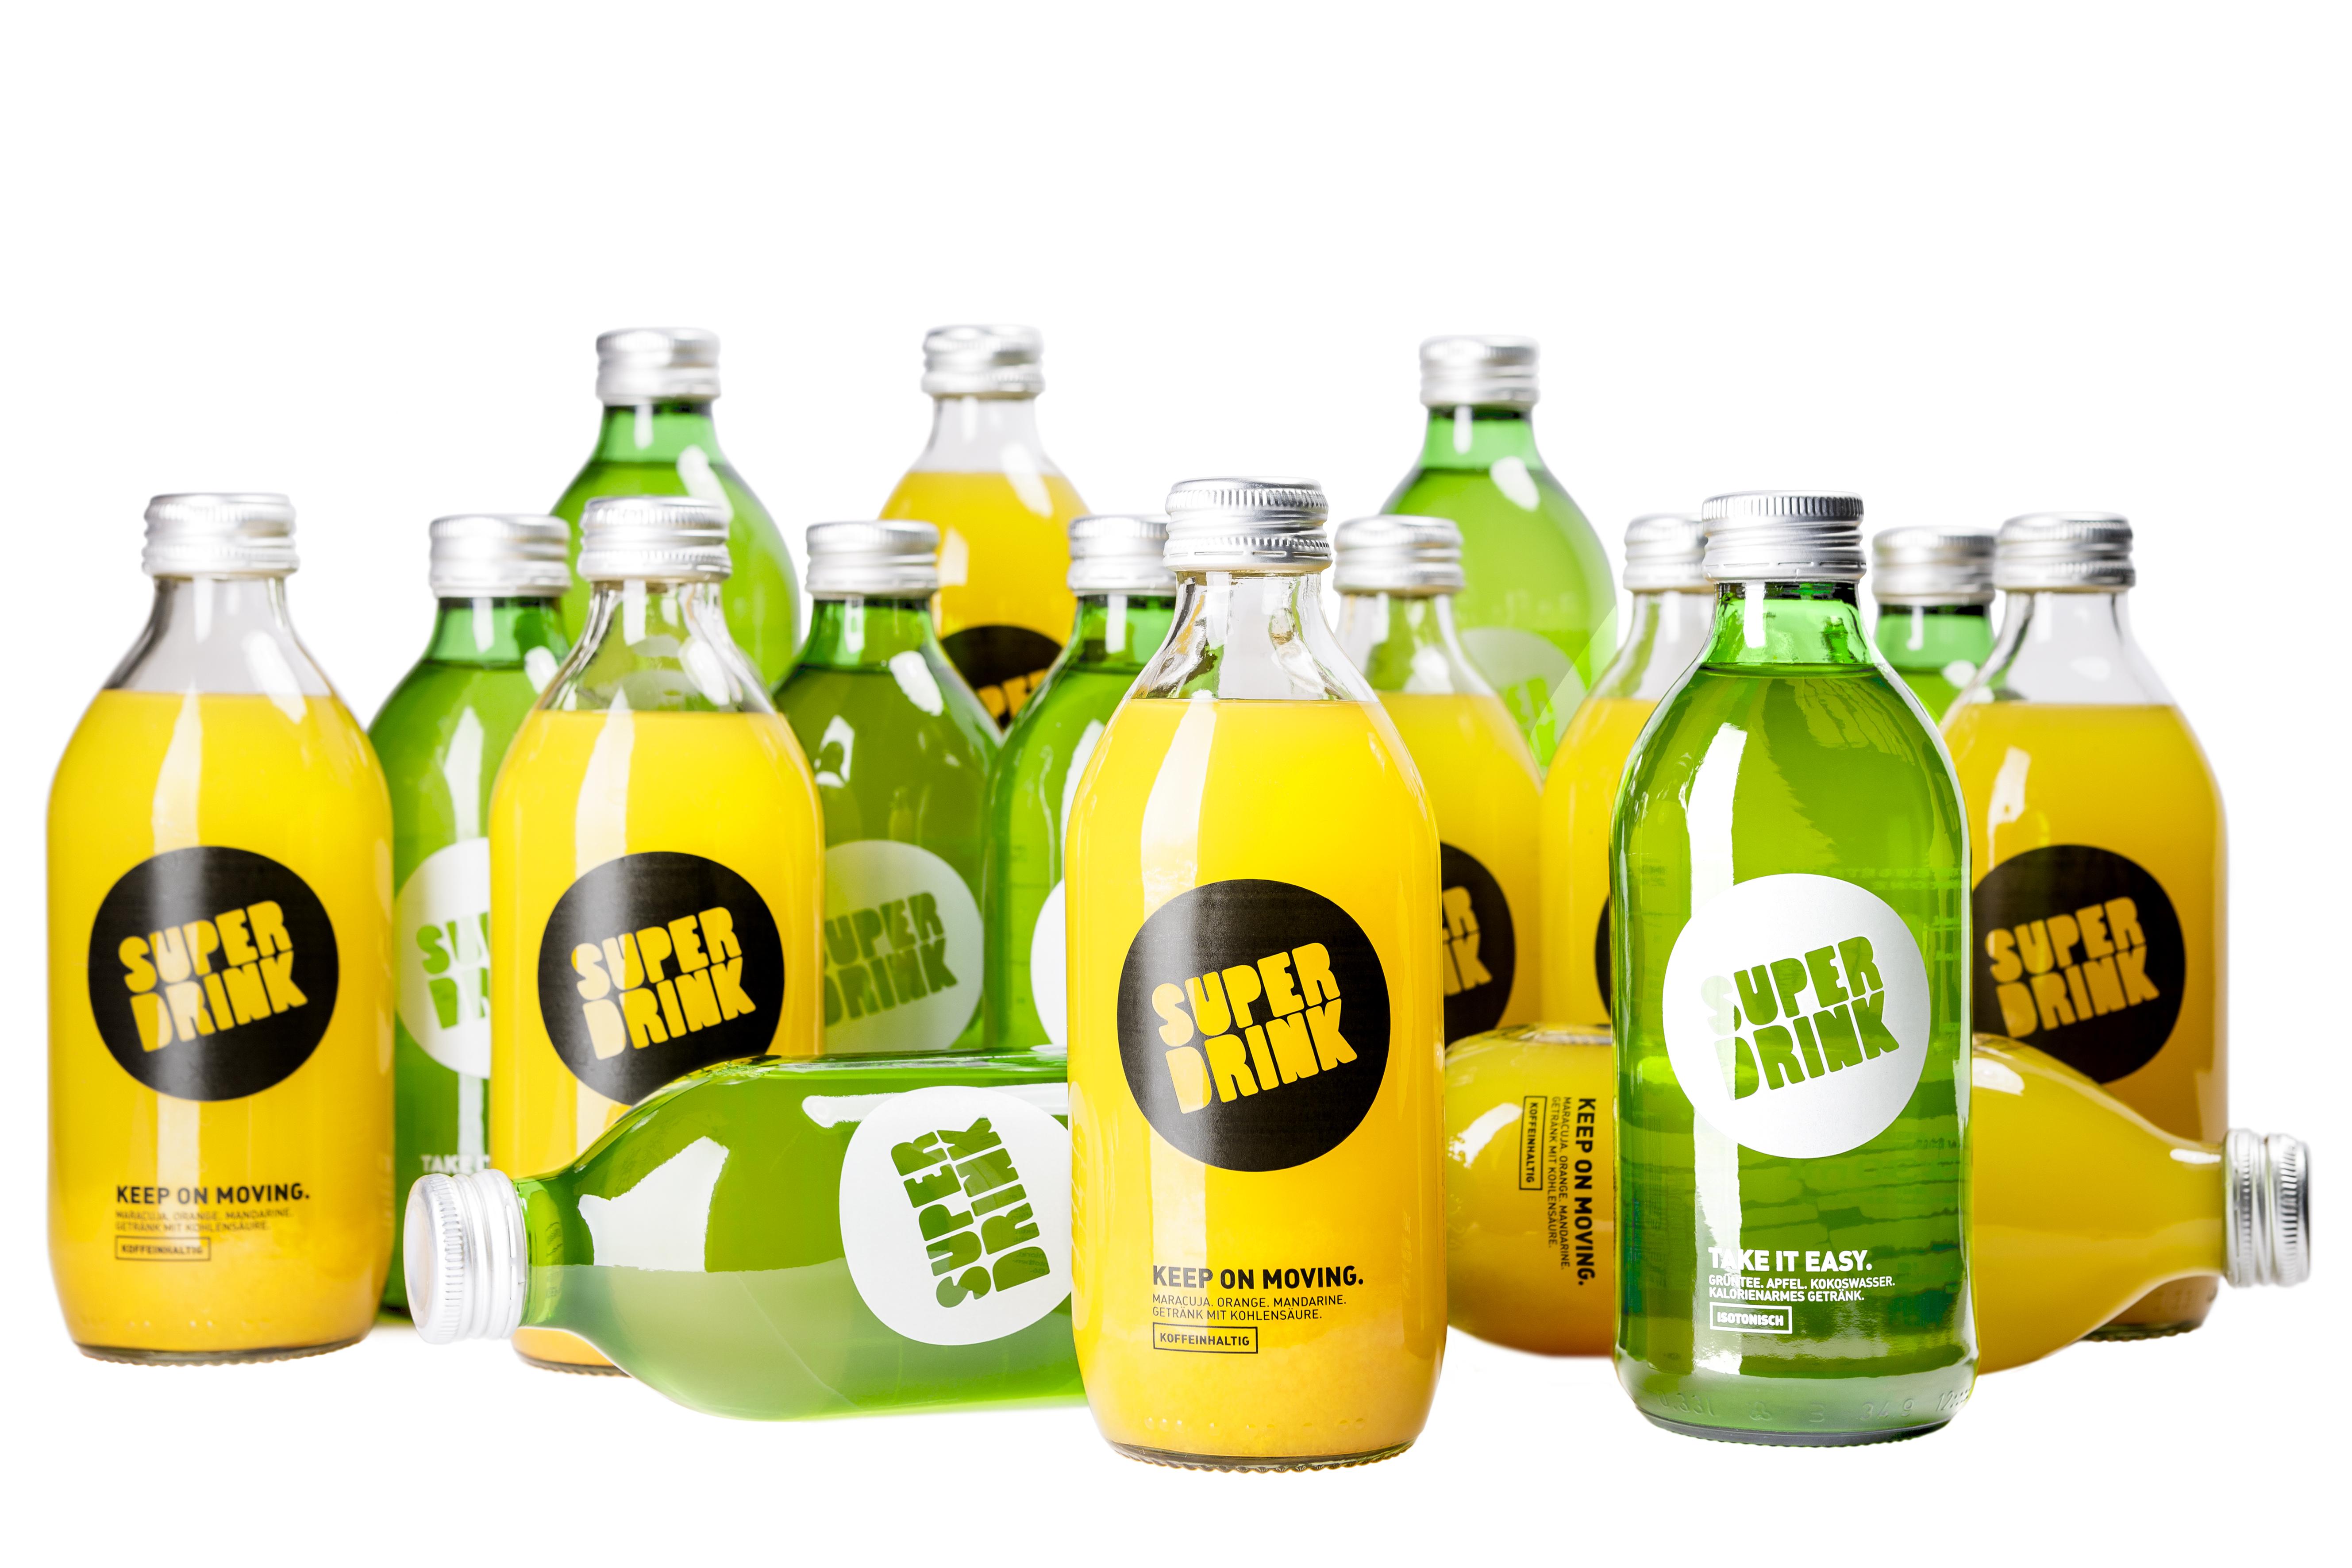 Getränke Superdrink | Goodcompany Köln